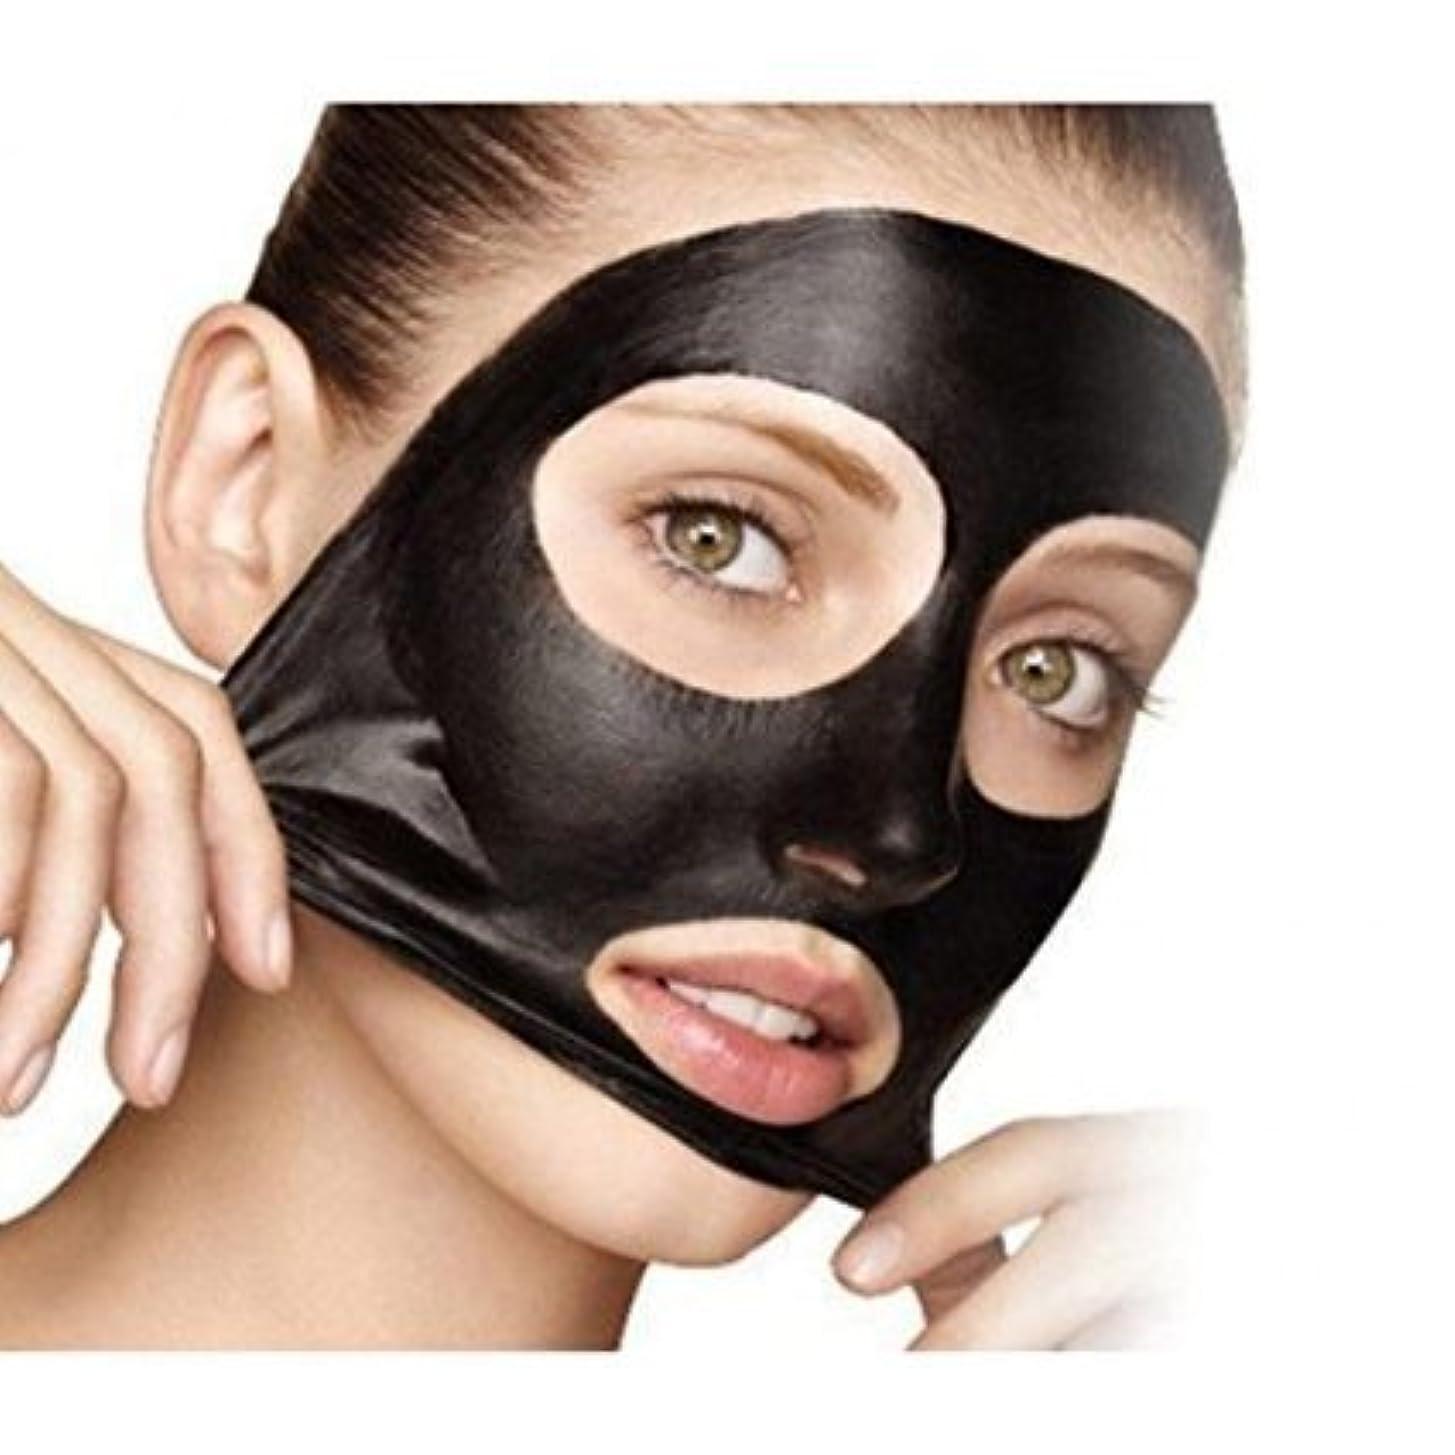 義務づける達成宮殿5 x Mineral Mud Nose Pore Cleansing Blackhead Removal Cleaner Membranes Mask by Boolavard® TM